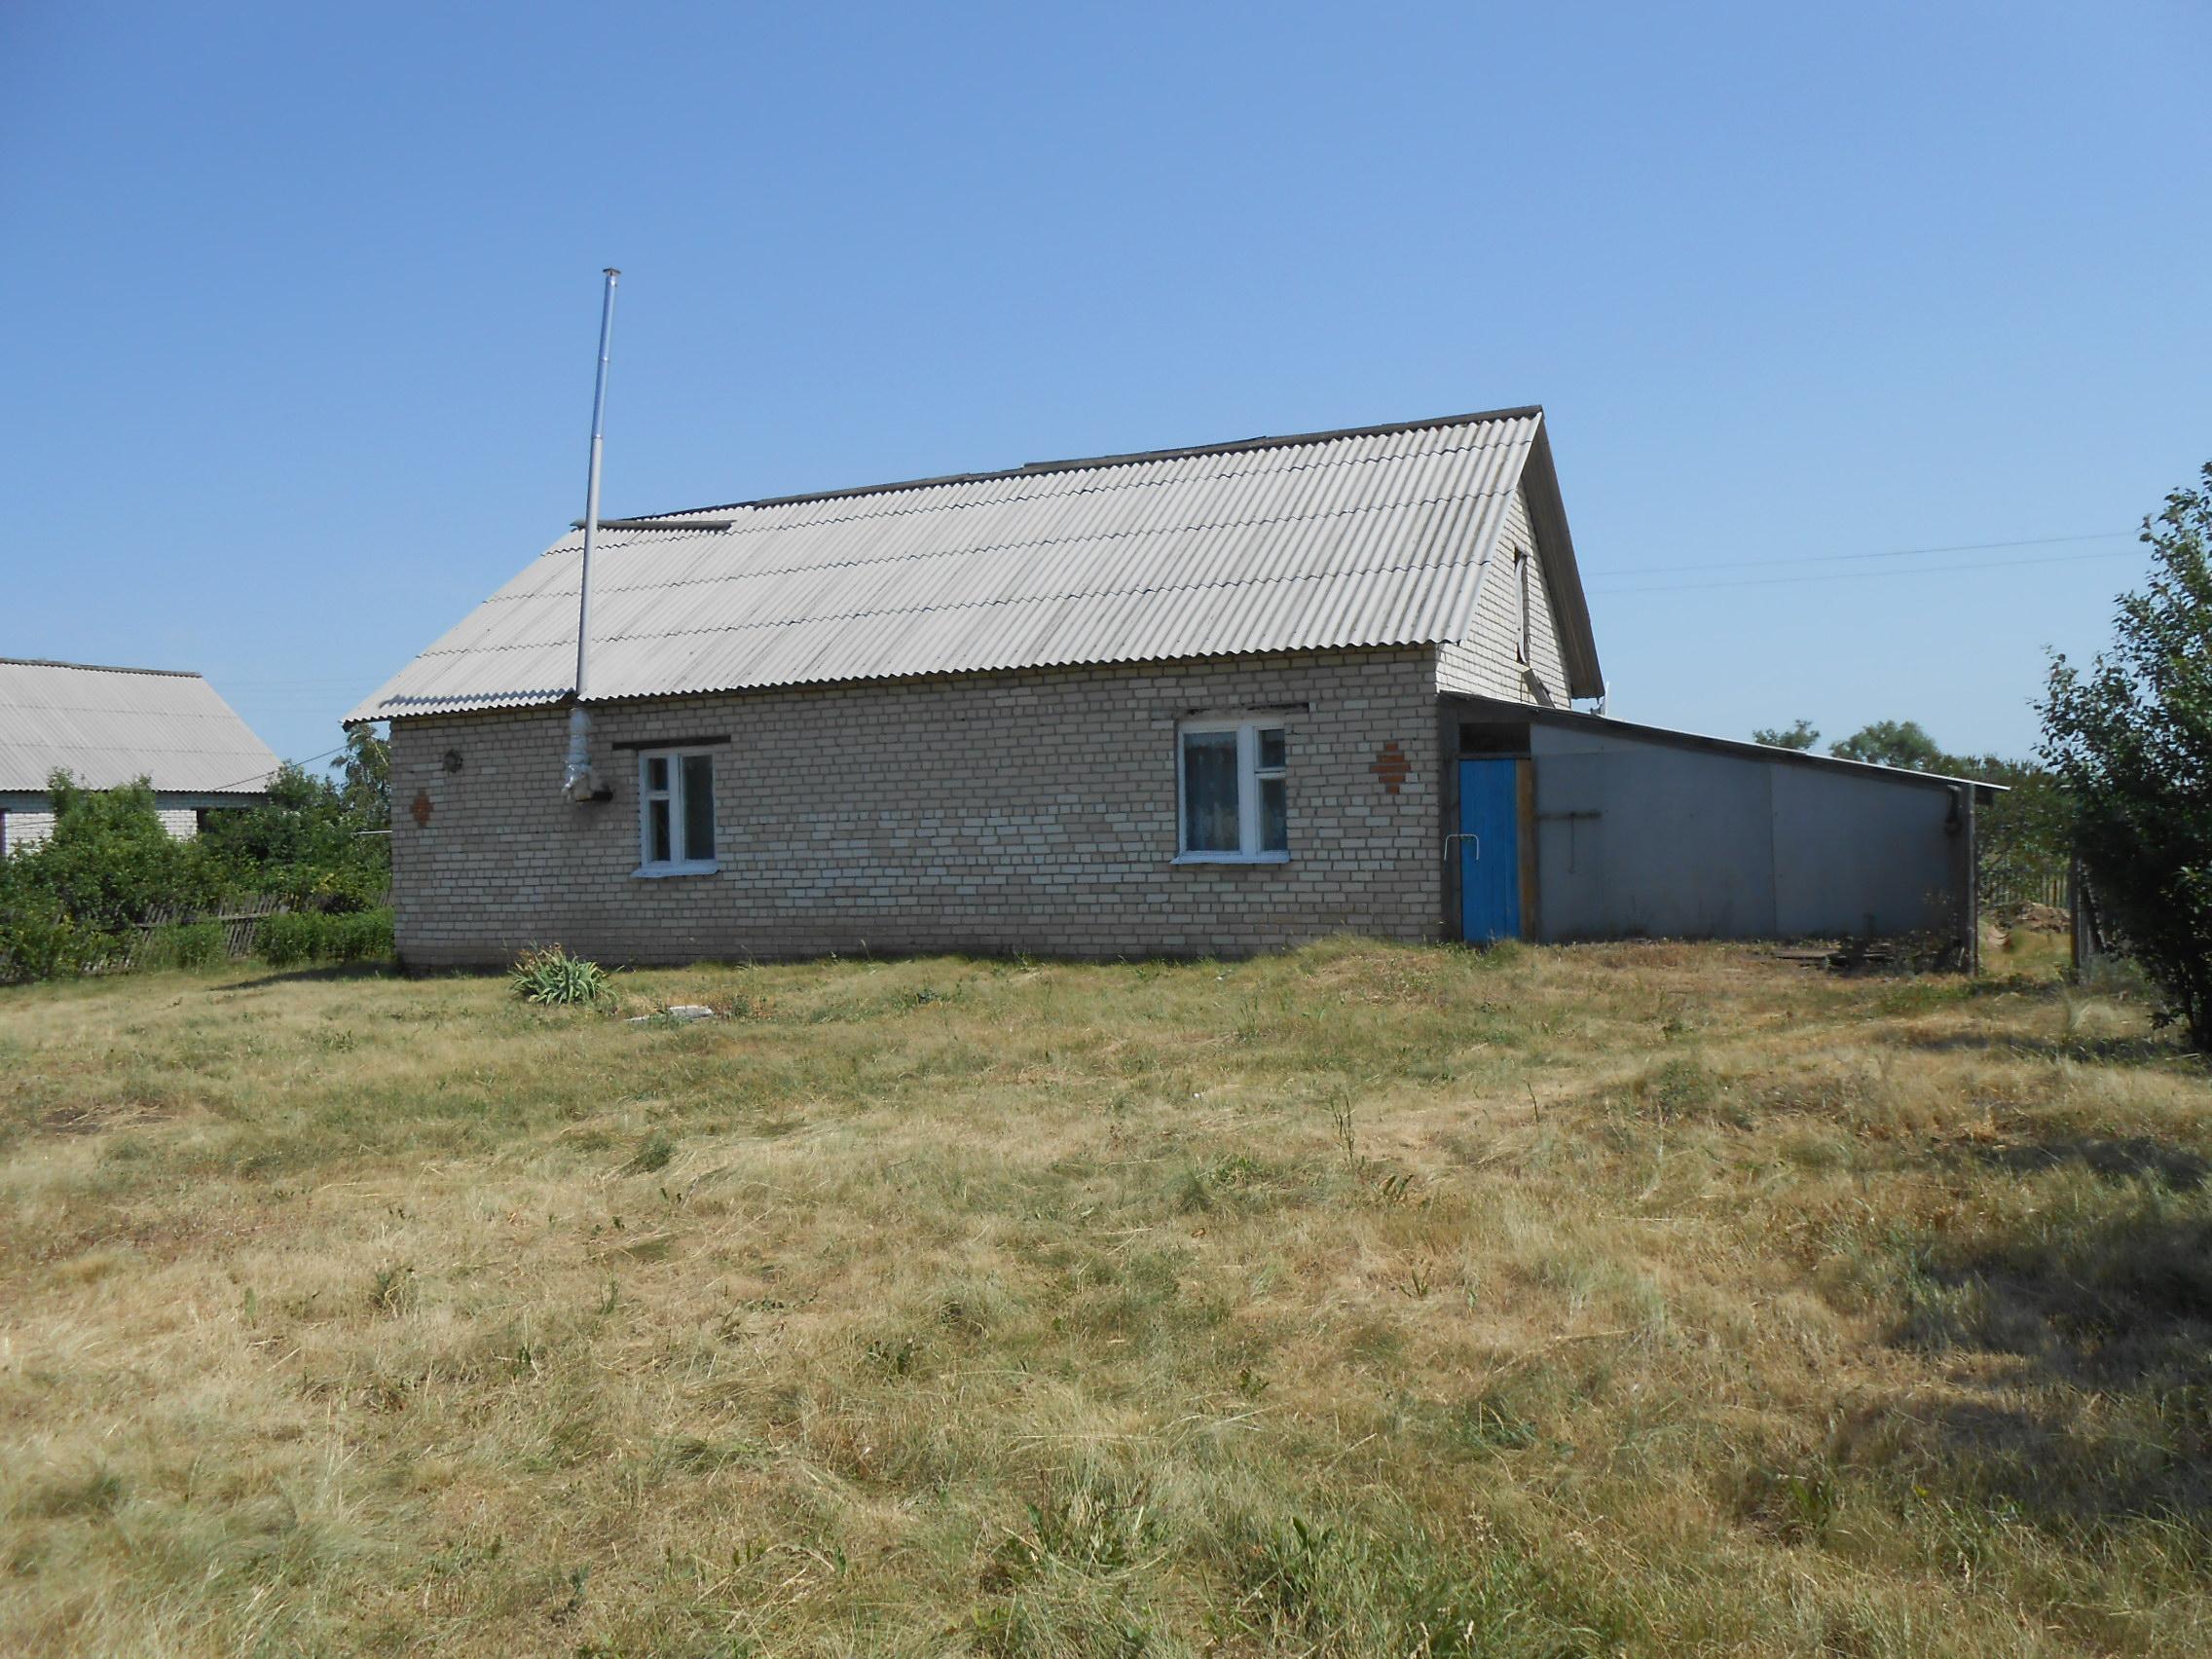 основная купить дом в саратовской области на авито Craft: